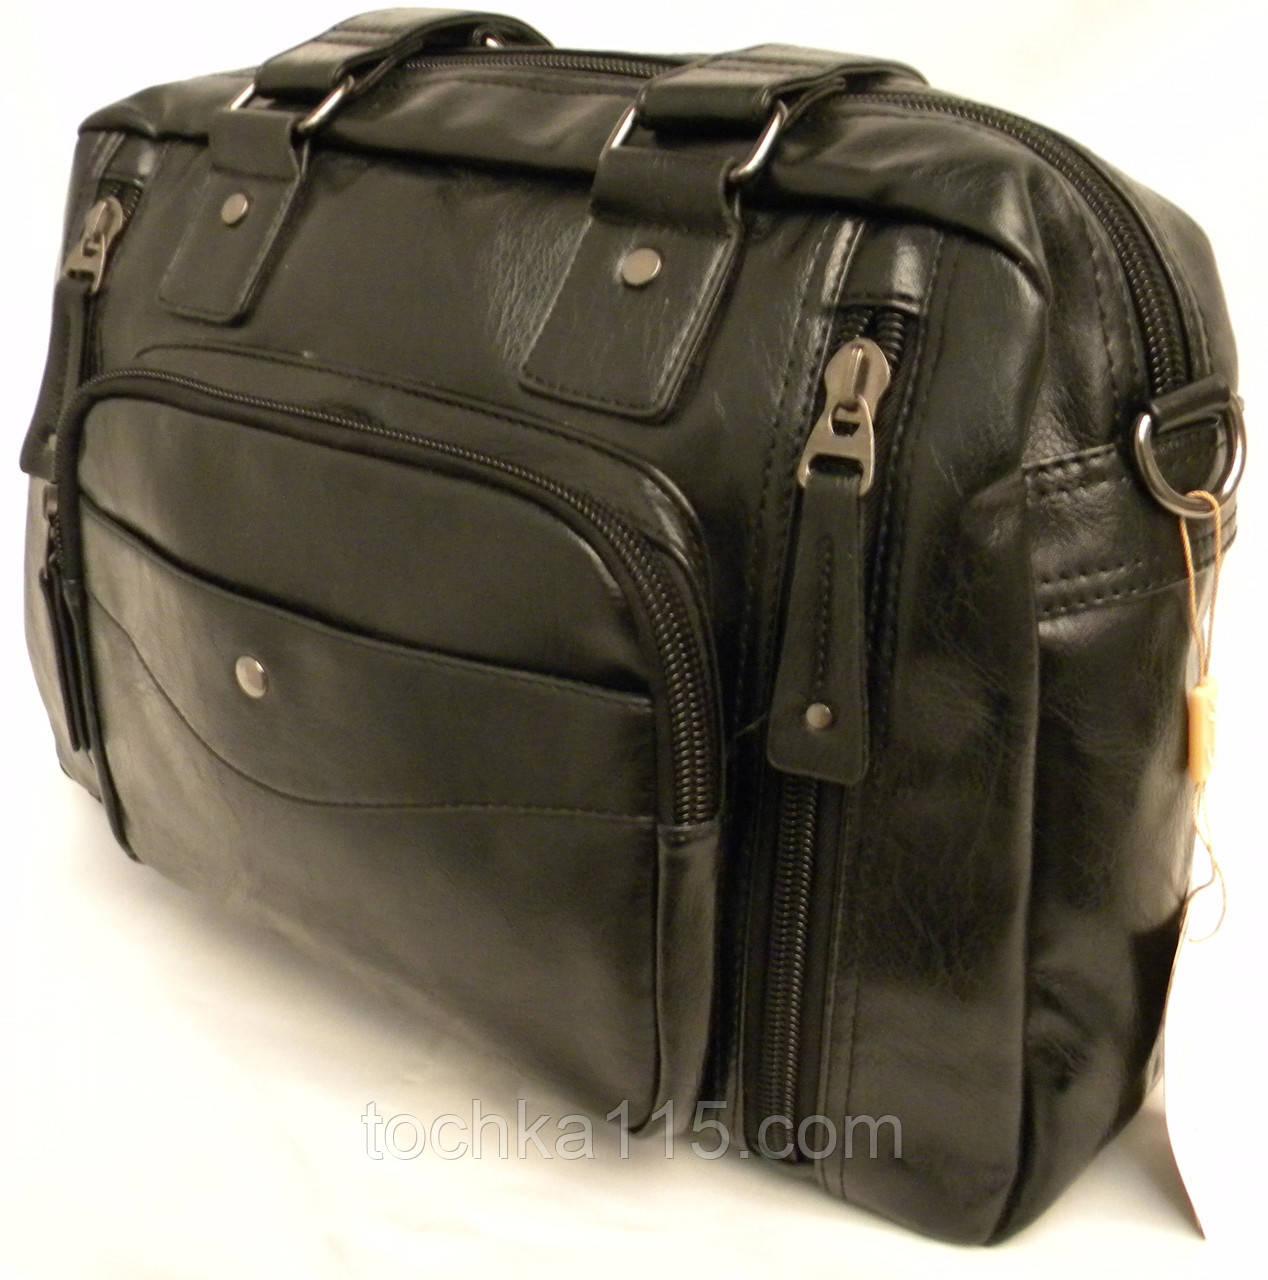 42c8a3a51980 Мужская сумка, кожаная сумка, городская сумка для документов, от ...